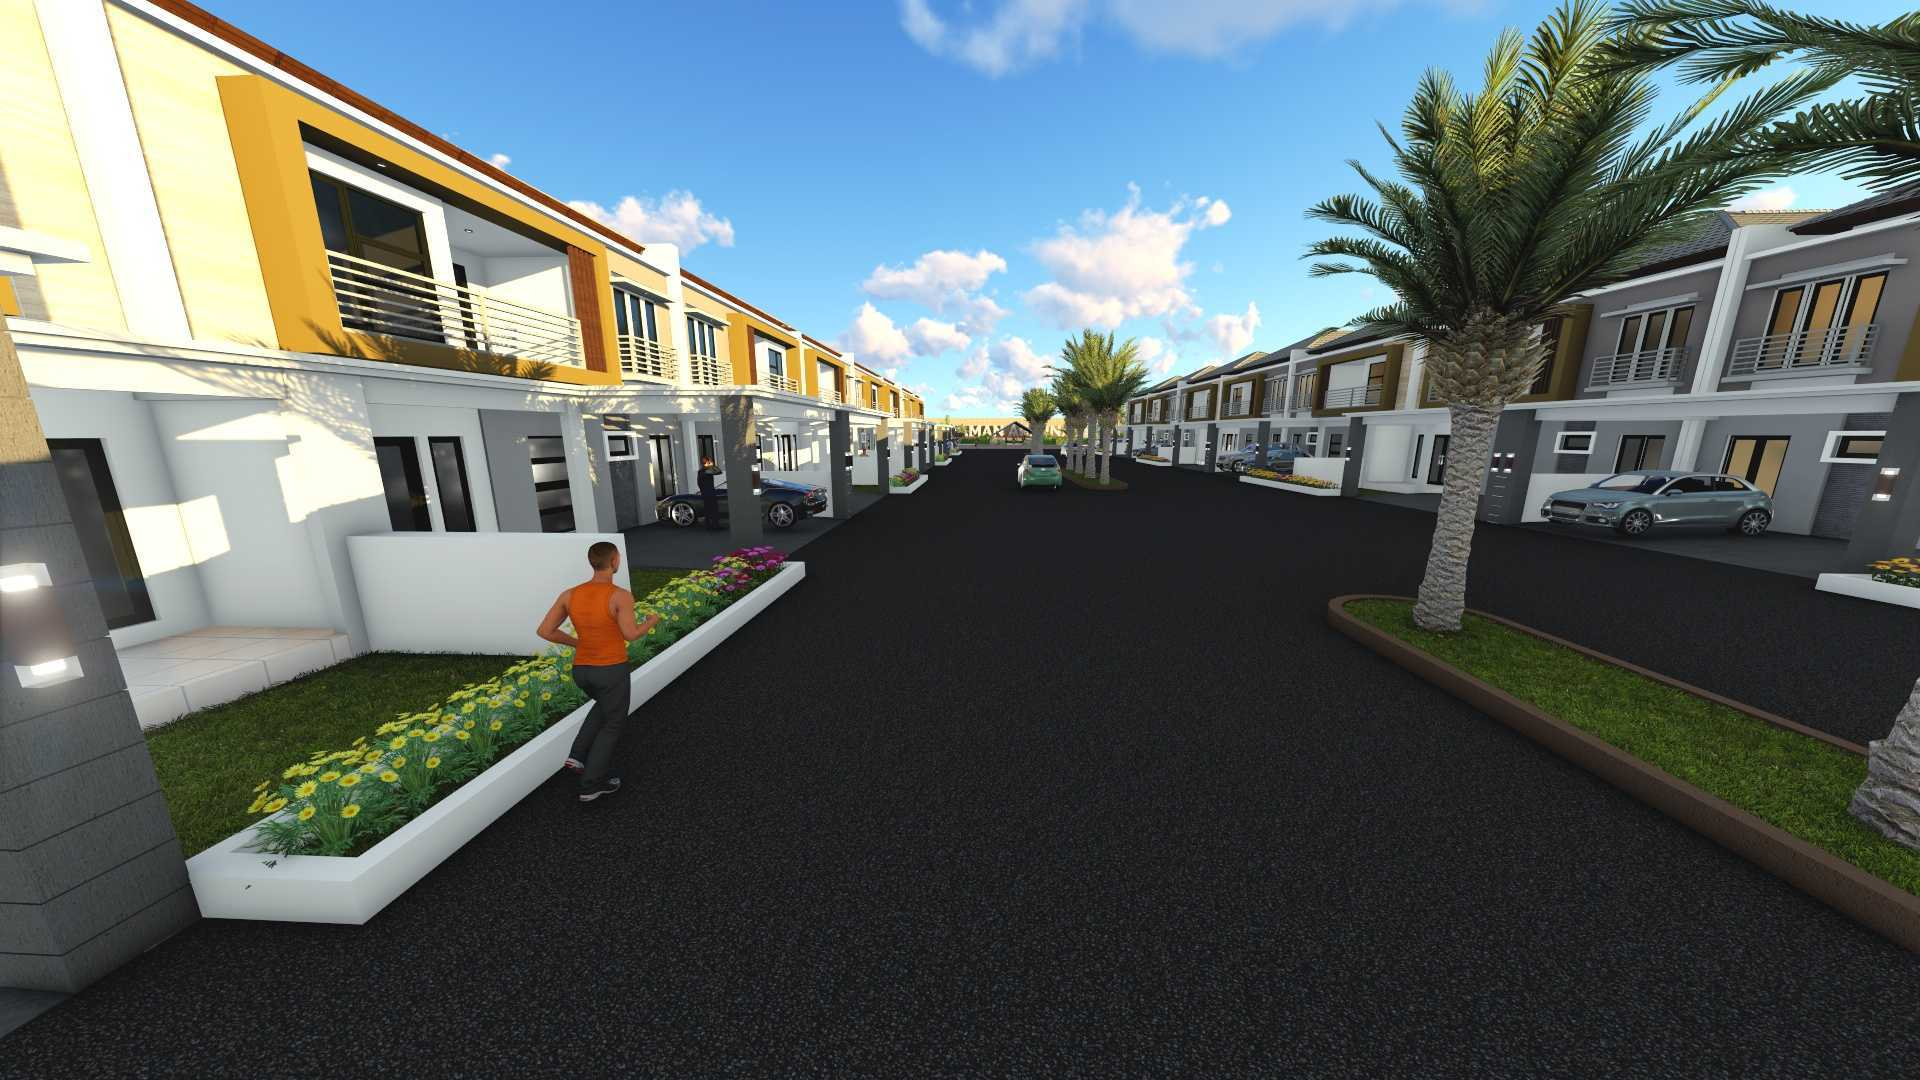 Harmony Architecture Arjuna Residence Cilegon, Kota Cilegon, Banten, Indonesia  Walkway Modern  36943